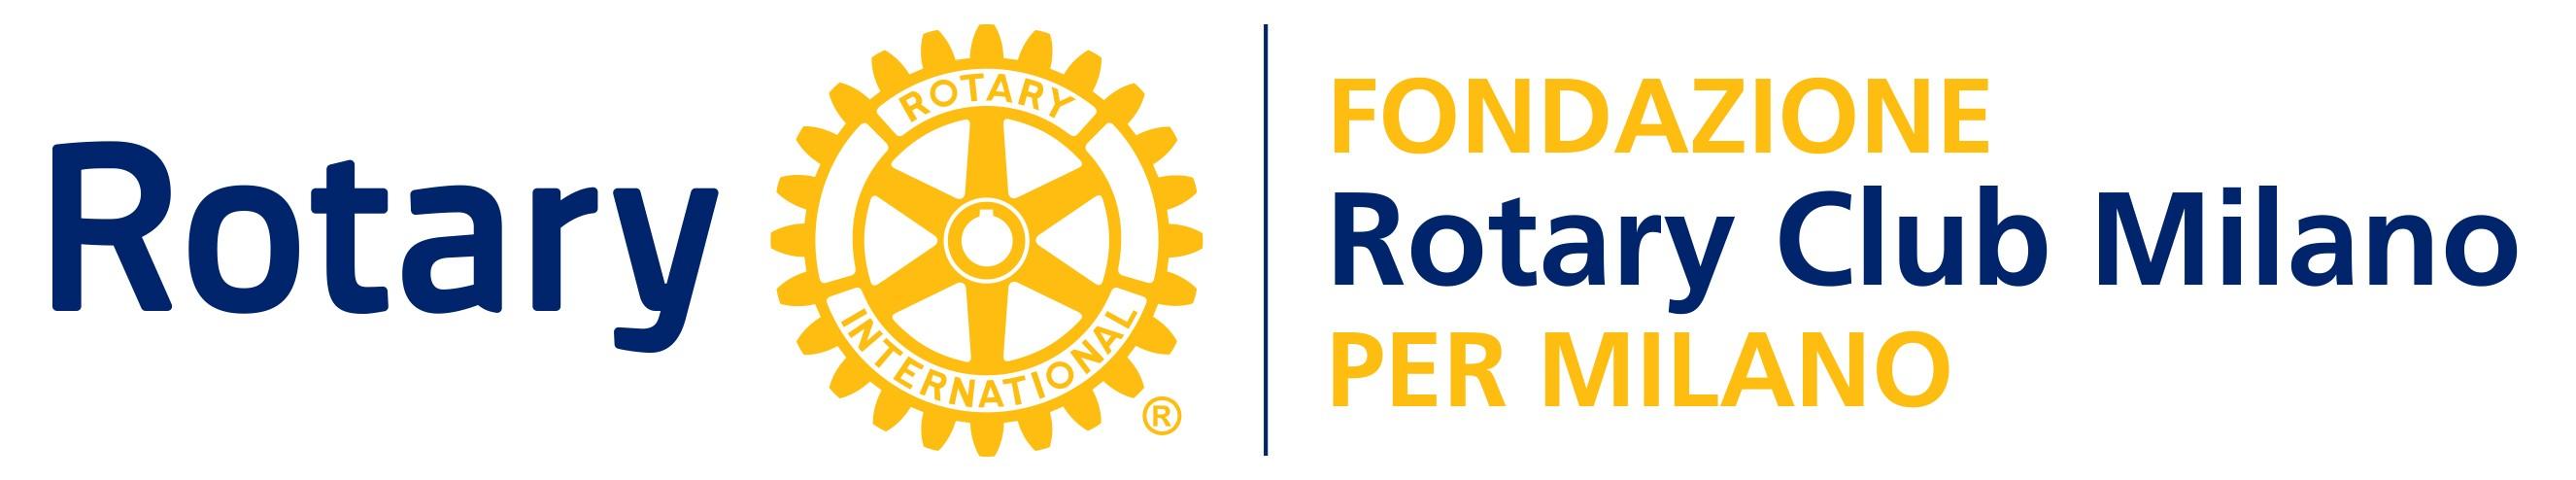 Rete del Dono - Fondazione Rotary Club Milano_Backup